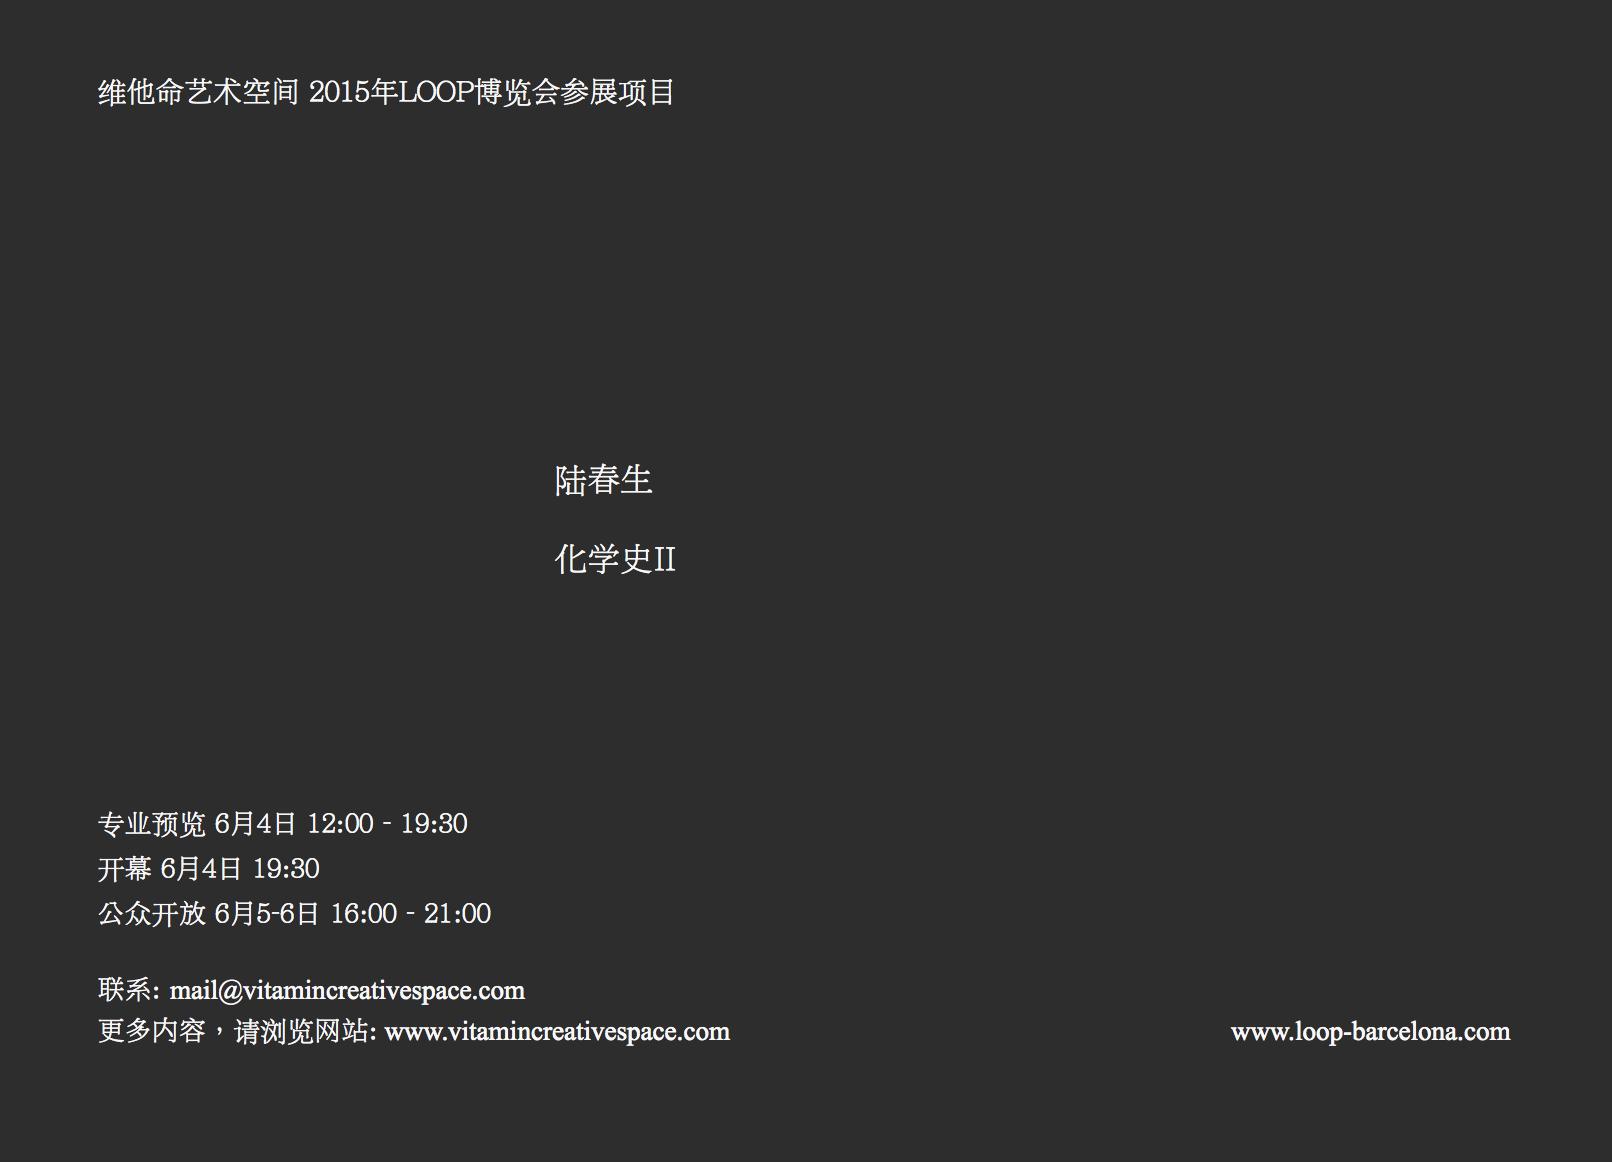 loop invitation_cn